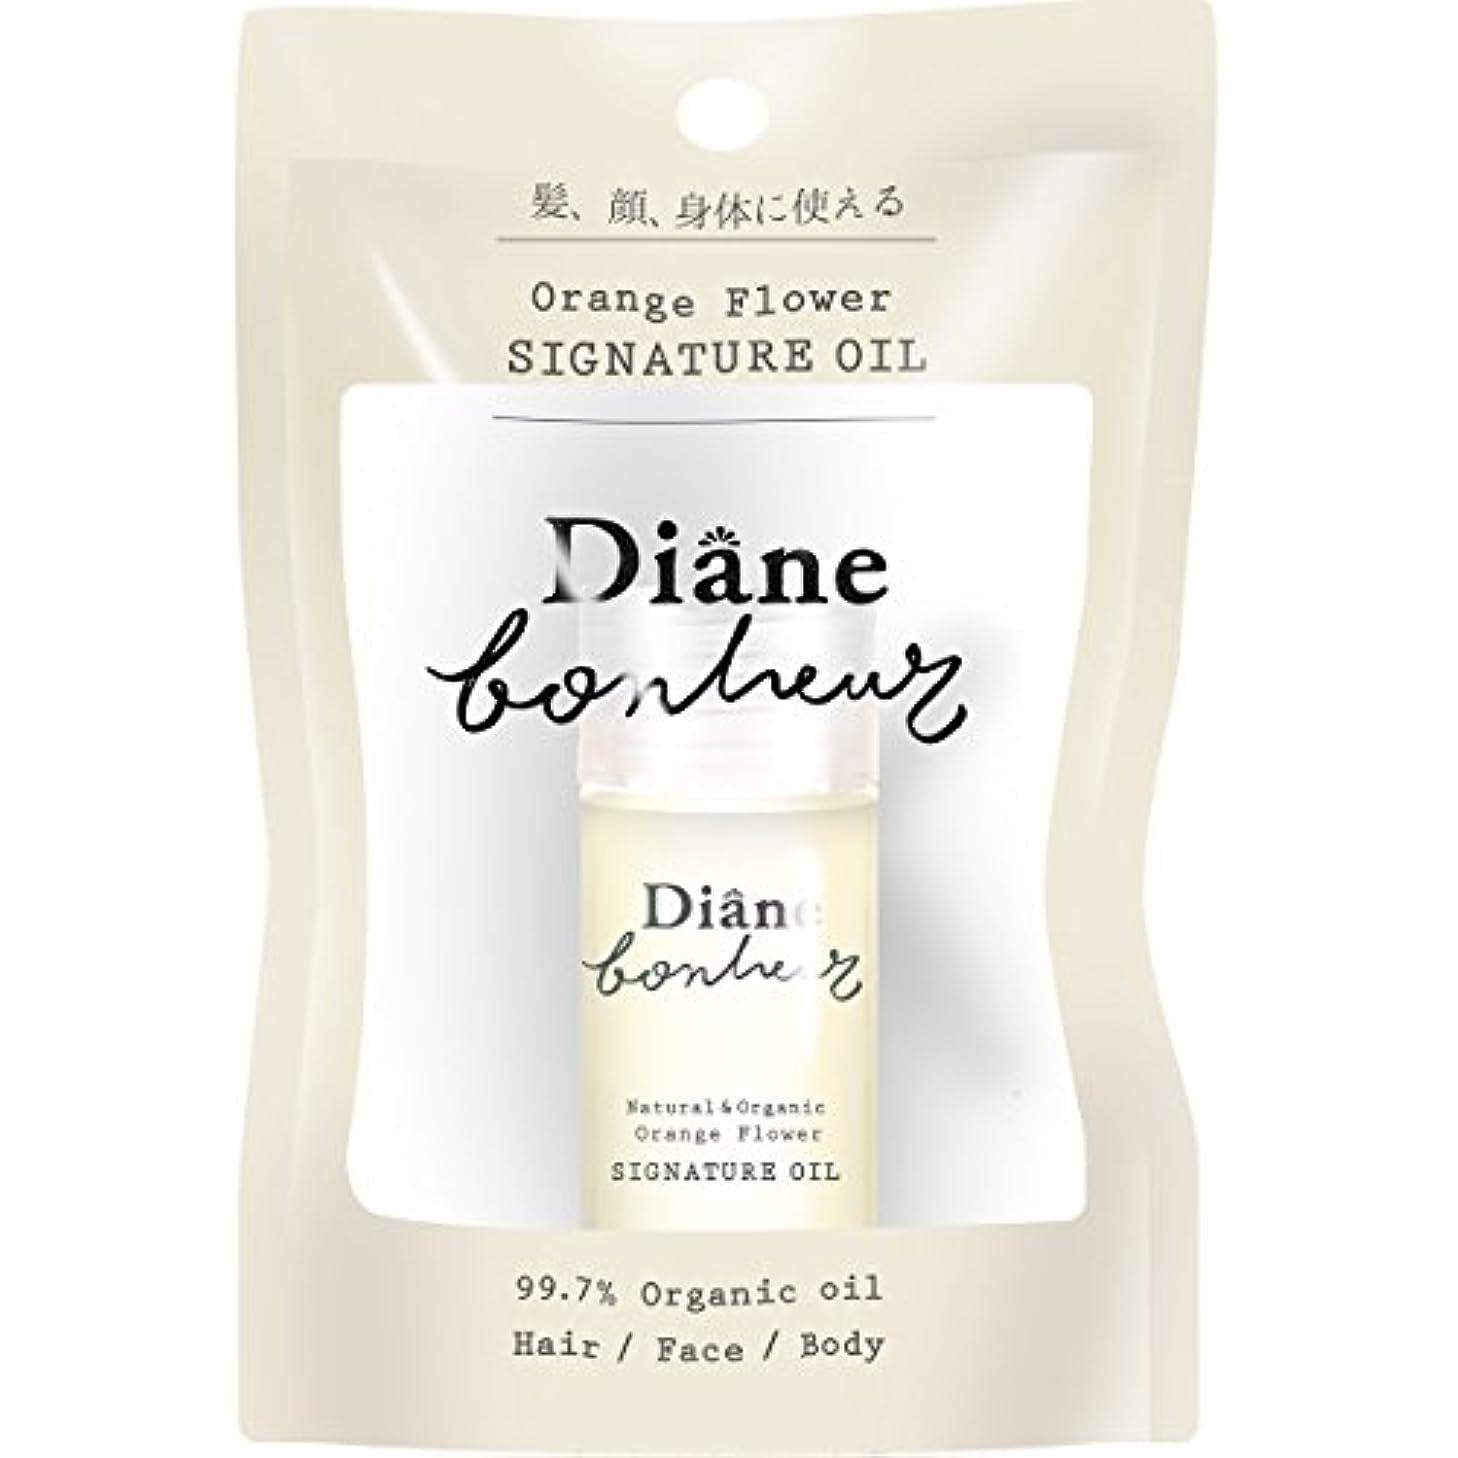 フロー倉庫登山家ダイアン ボヌール シグネチャー オイル (ヘア&ボディ) オレンジフラワーの香り 18ml